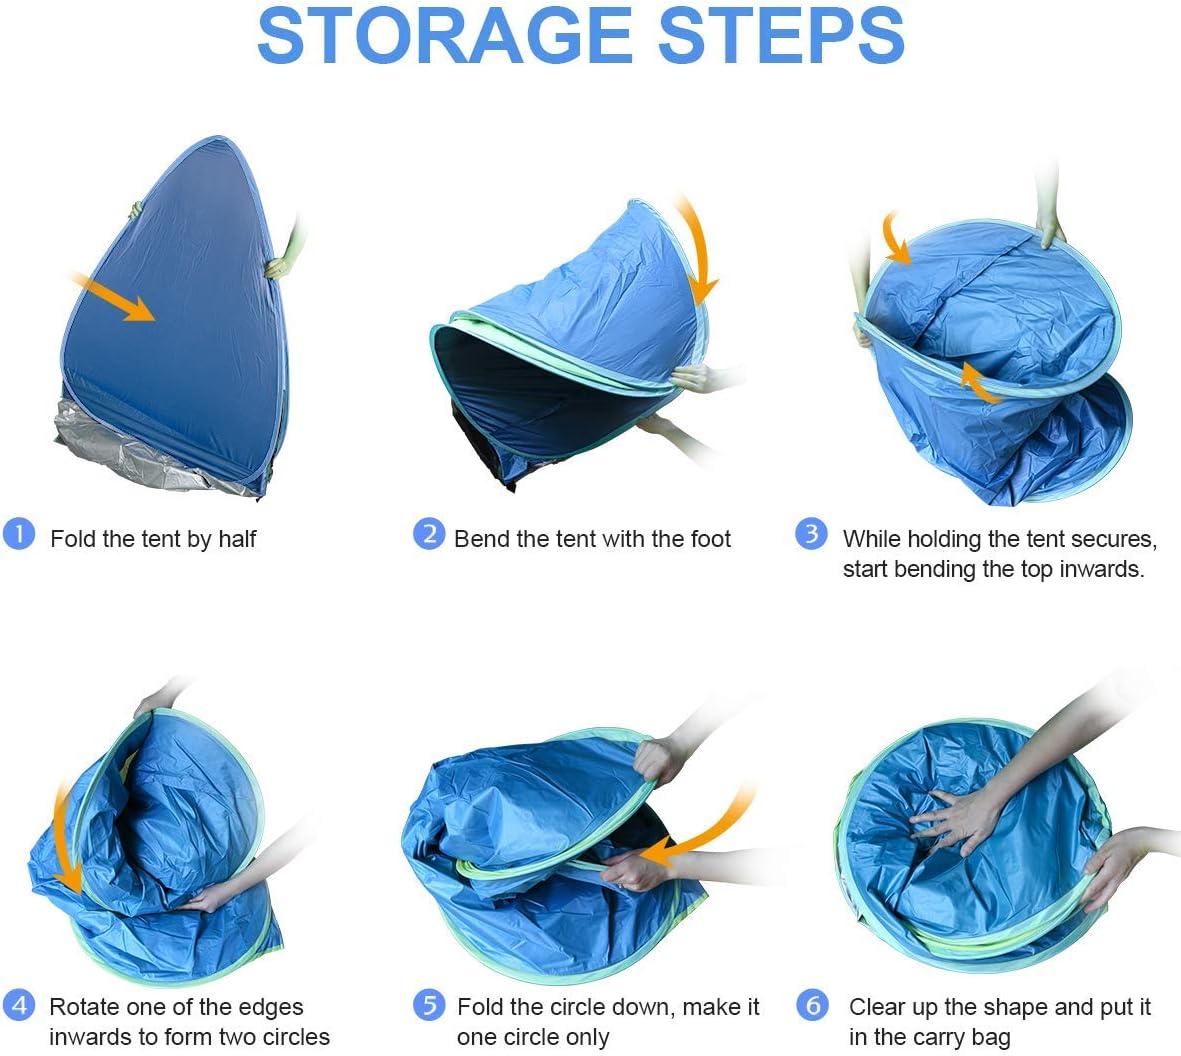 Pop-up Tenda Portatile per Famiglia Fino a 2-3 Persone BACKTURE Tenda da Spiaggia Protezione UV Tenda Resistente allAcqua Ventilato con Porta Cerniera per la Famiglia per Campeggio Pesca Giardino